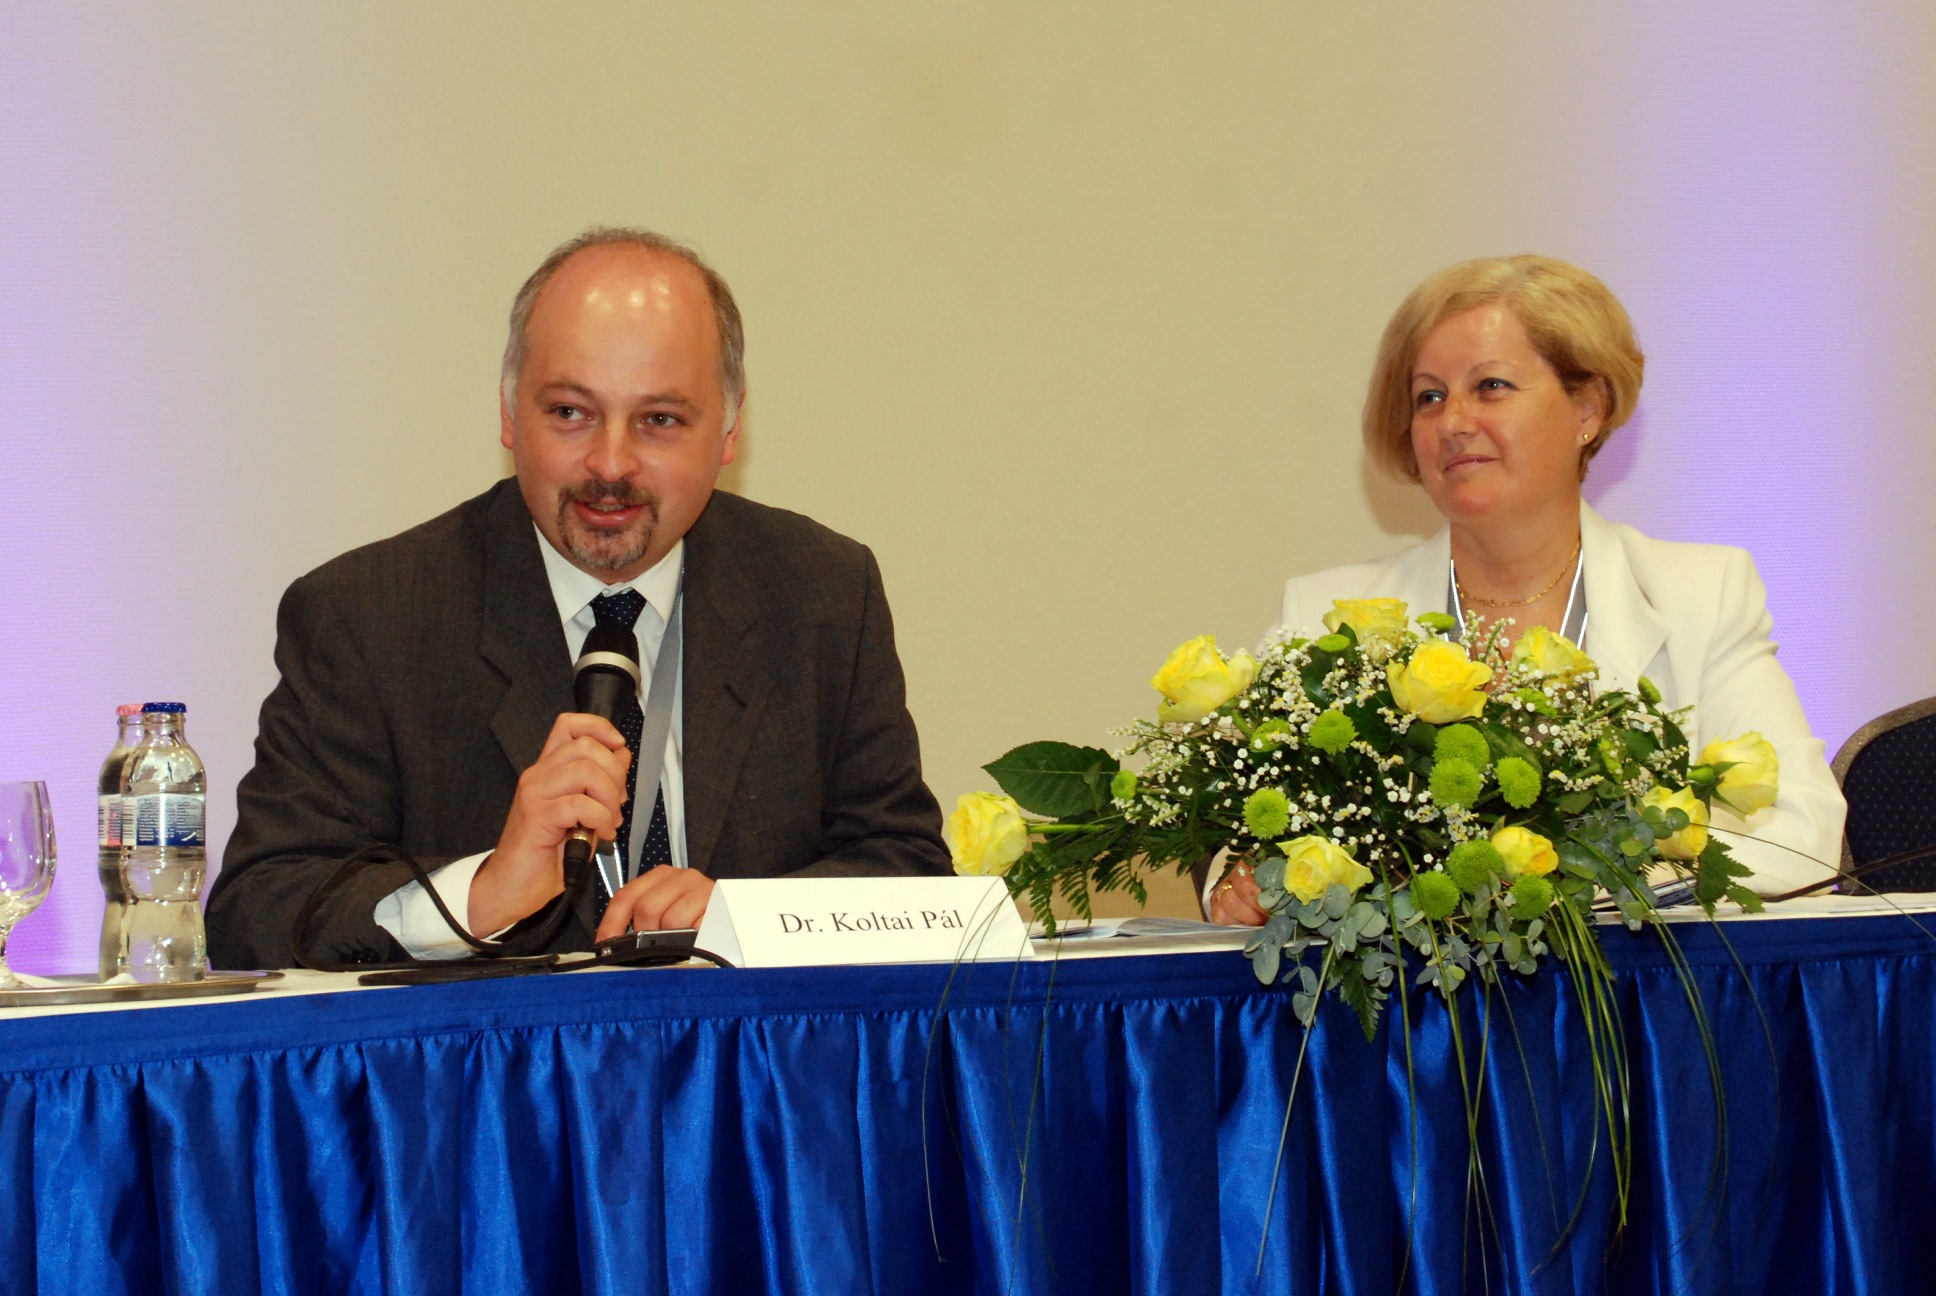 Kékgolyó Napok 2011 – Országos Onkológiai Szakdolgozói Továbbképző Konferencia és Kiállítás